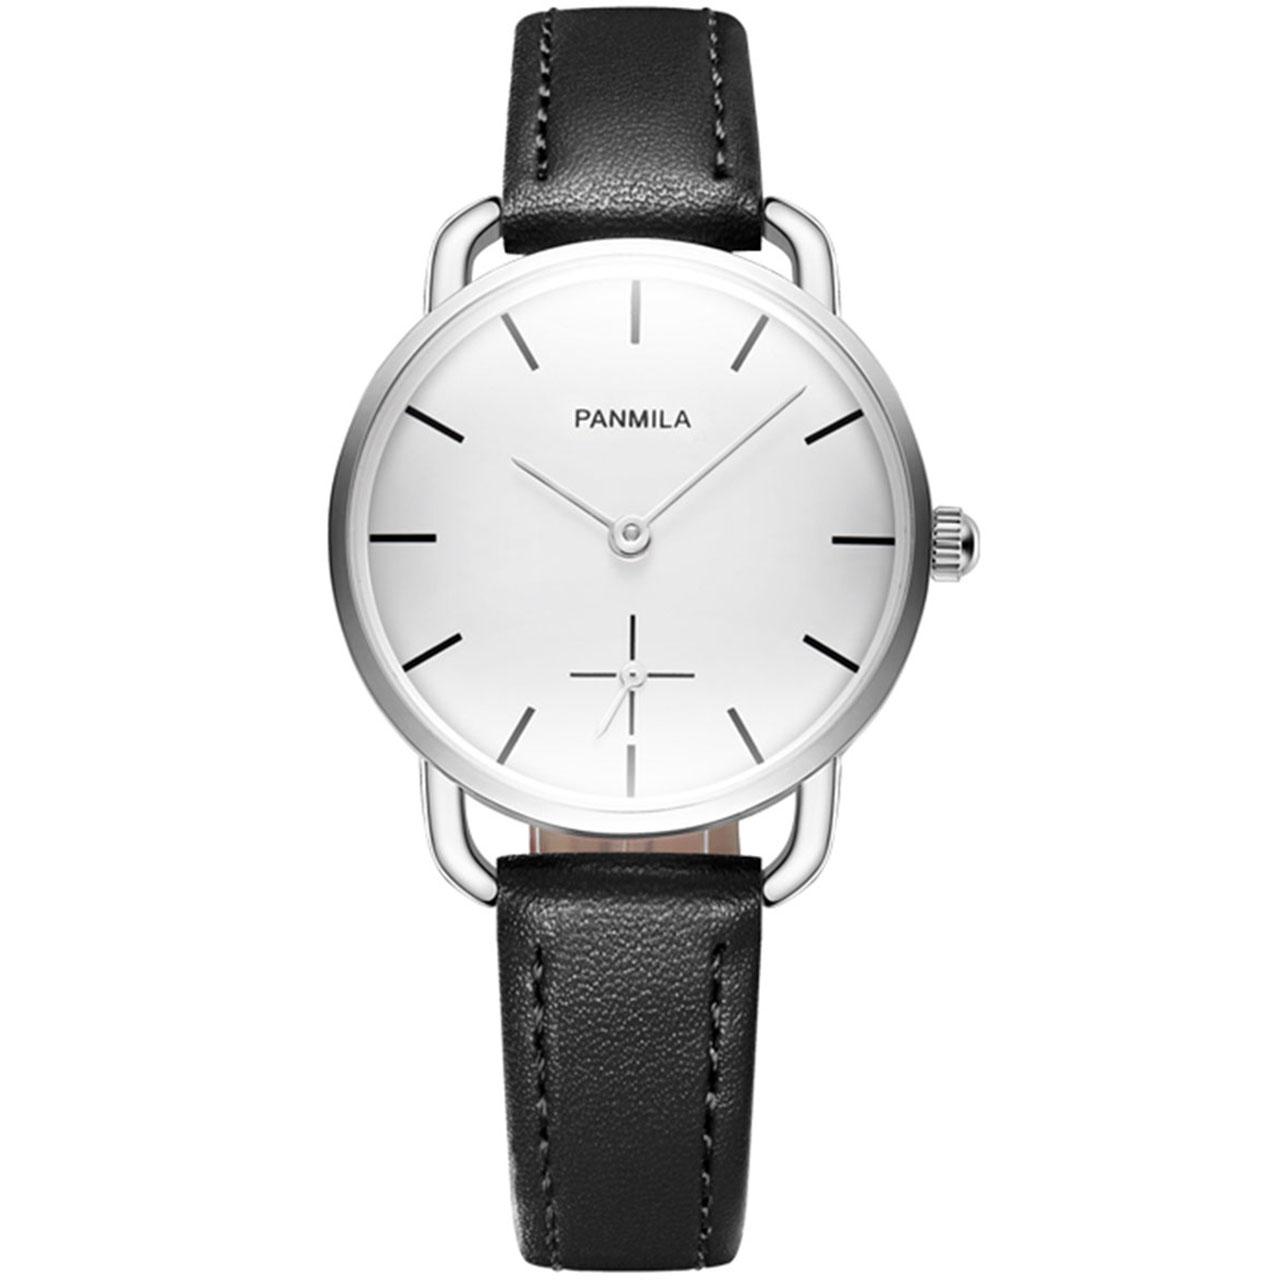 ساعت مچی عقربه ای زنانه پانمیلا مدل P0140MDZ1WHW